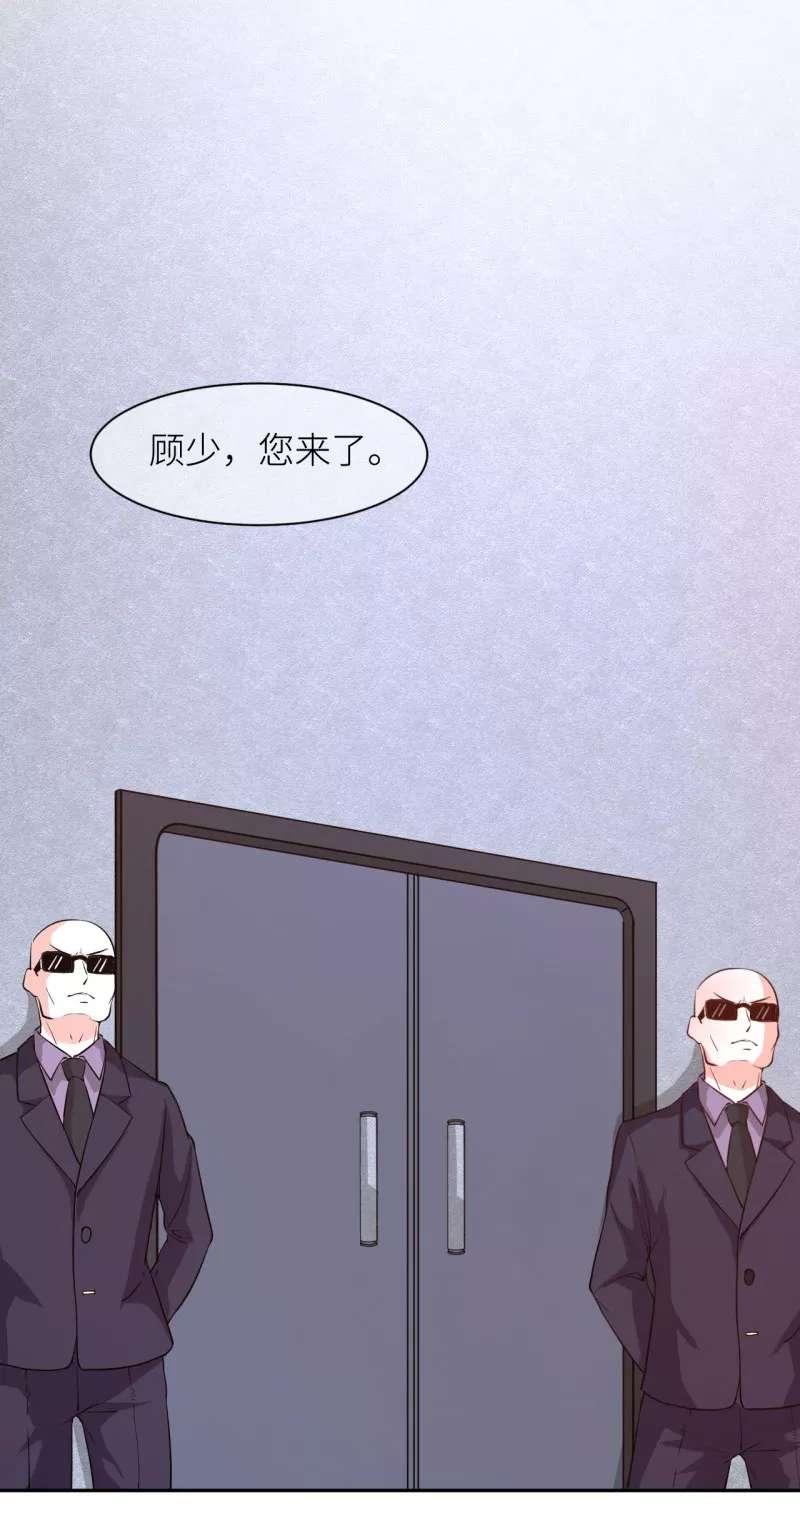 暗恋成婚第12话  012情敌见面 第 31